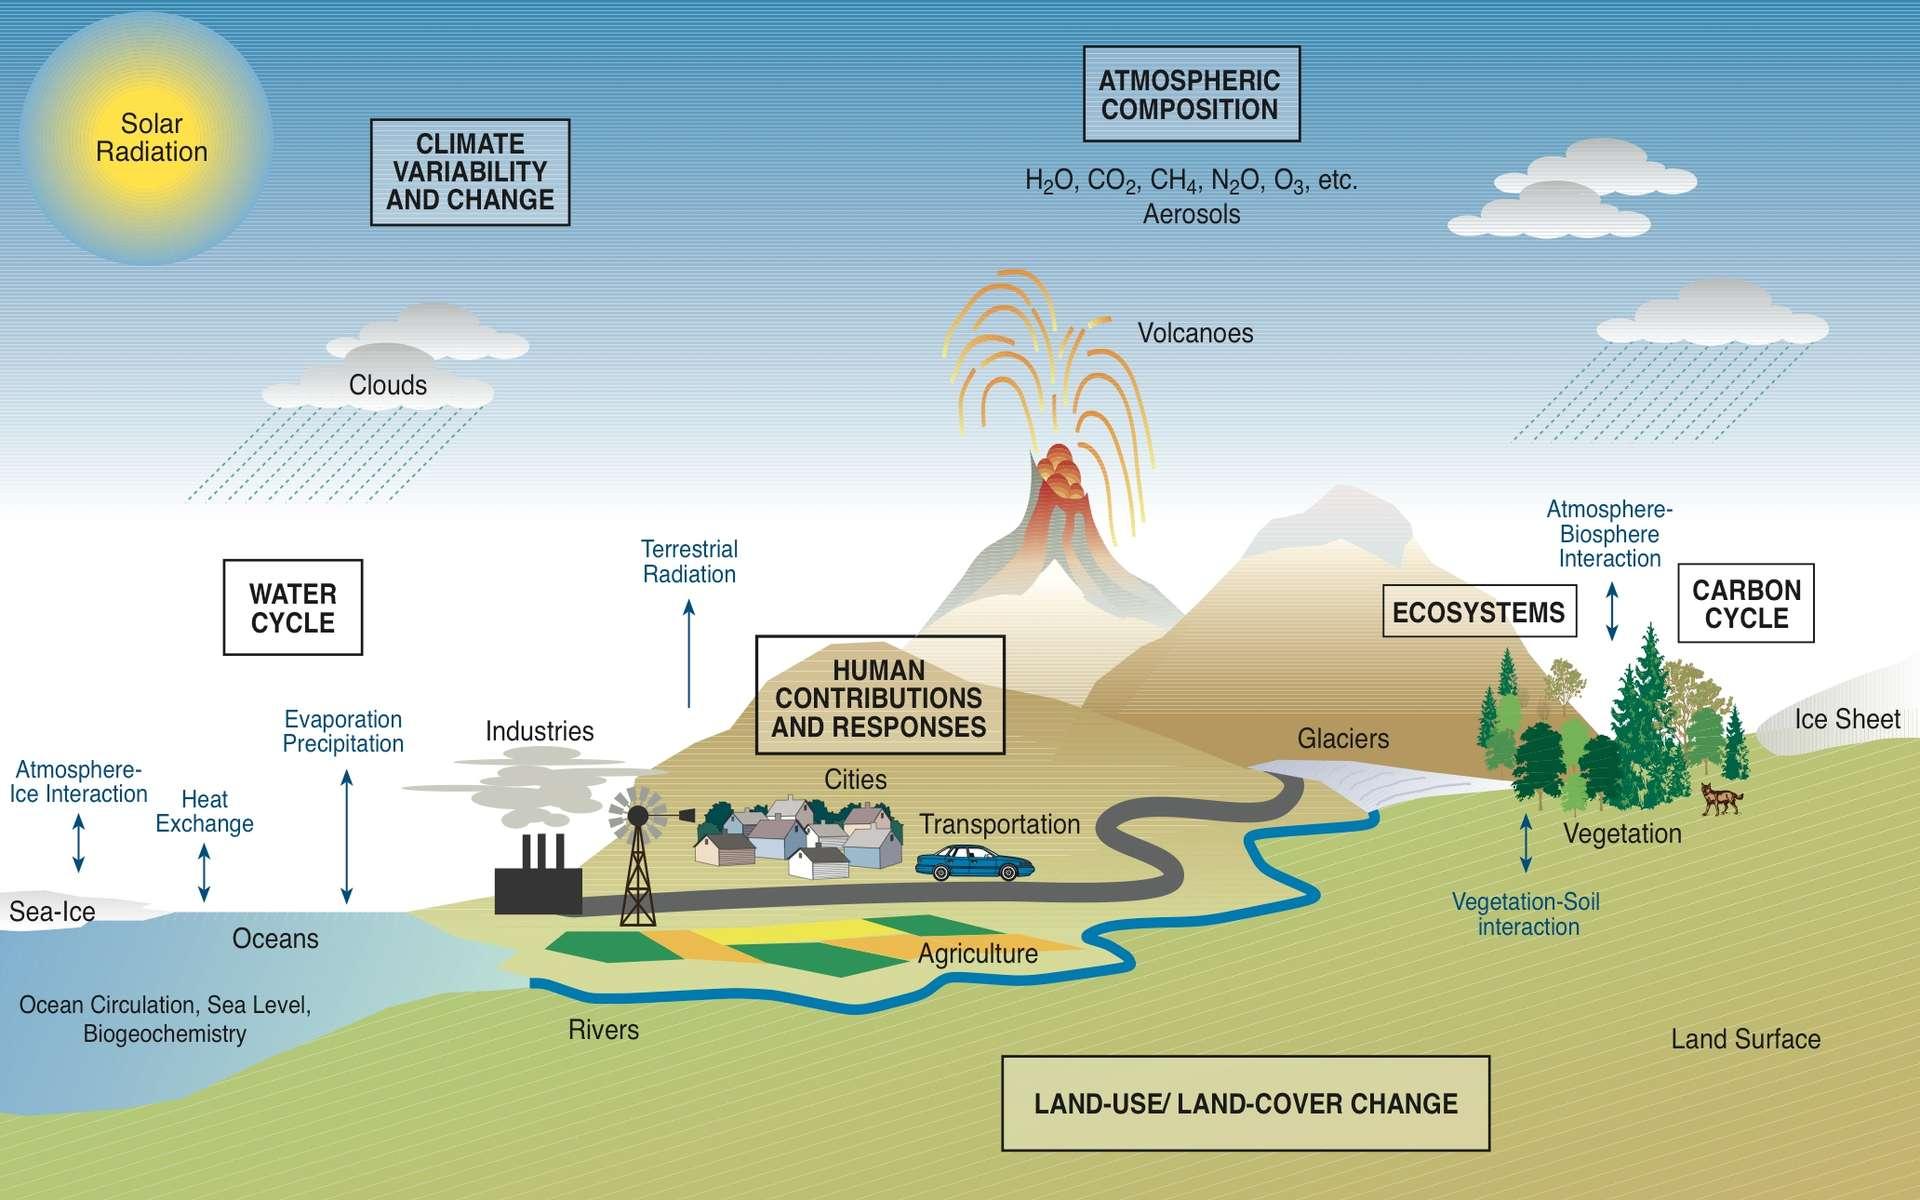 Dans le système climatique, les interconnexions des processus naturels et humains (au centre du schéma) sont très importantes. Jusqu'à présent, il n'était pas possible de simuler les incidences des options qui s'ouvraient aux décideurs. Les nouveaux modèles climatiques permettront d'imaginer des futurs alternatifs et aideront les décideurs à faire leurs choix. © Moss et al. / PNNL